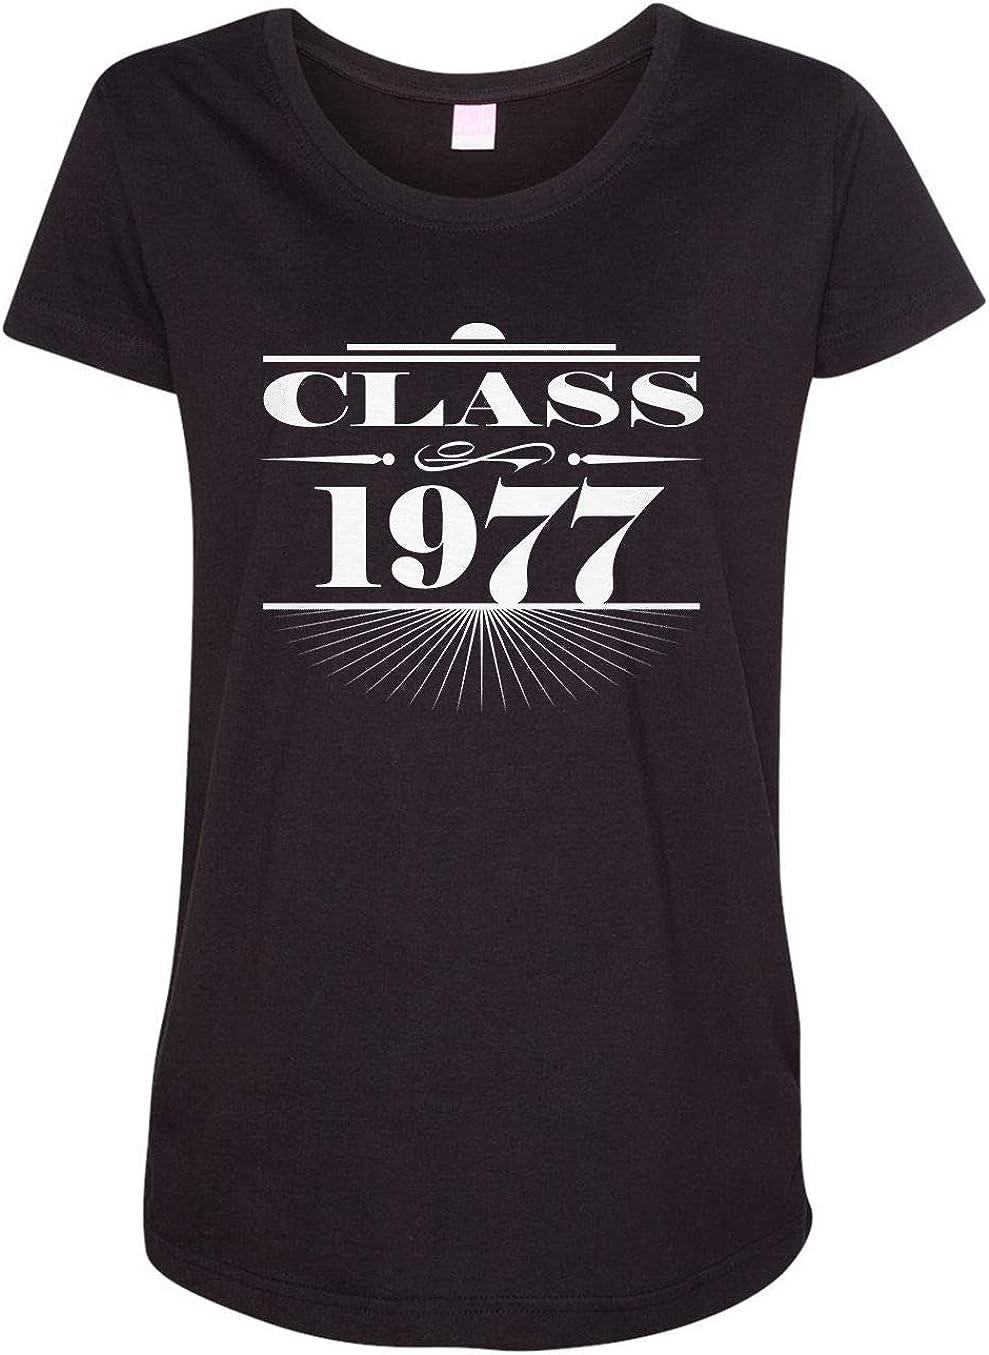 HARD EDGE DESIGN Women's Art Deco Class of 1977 T-Shirt